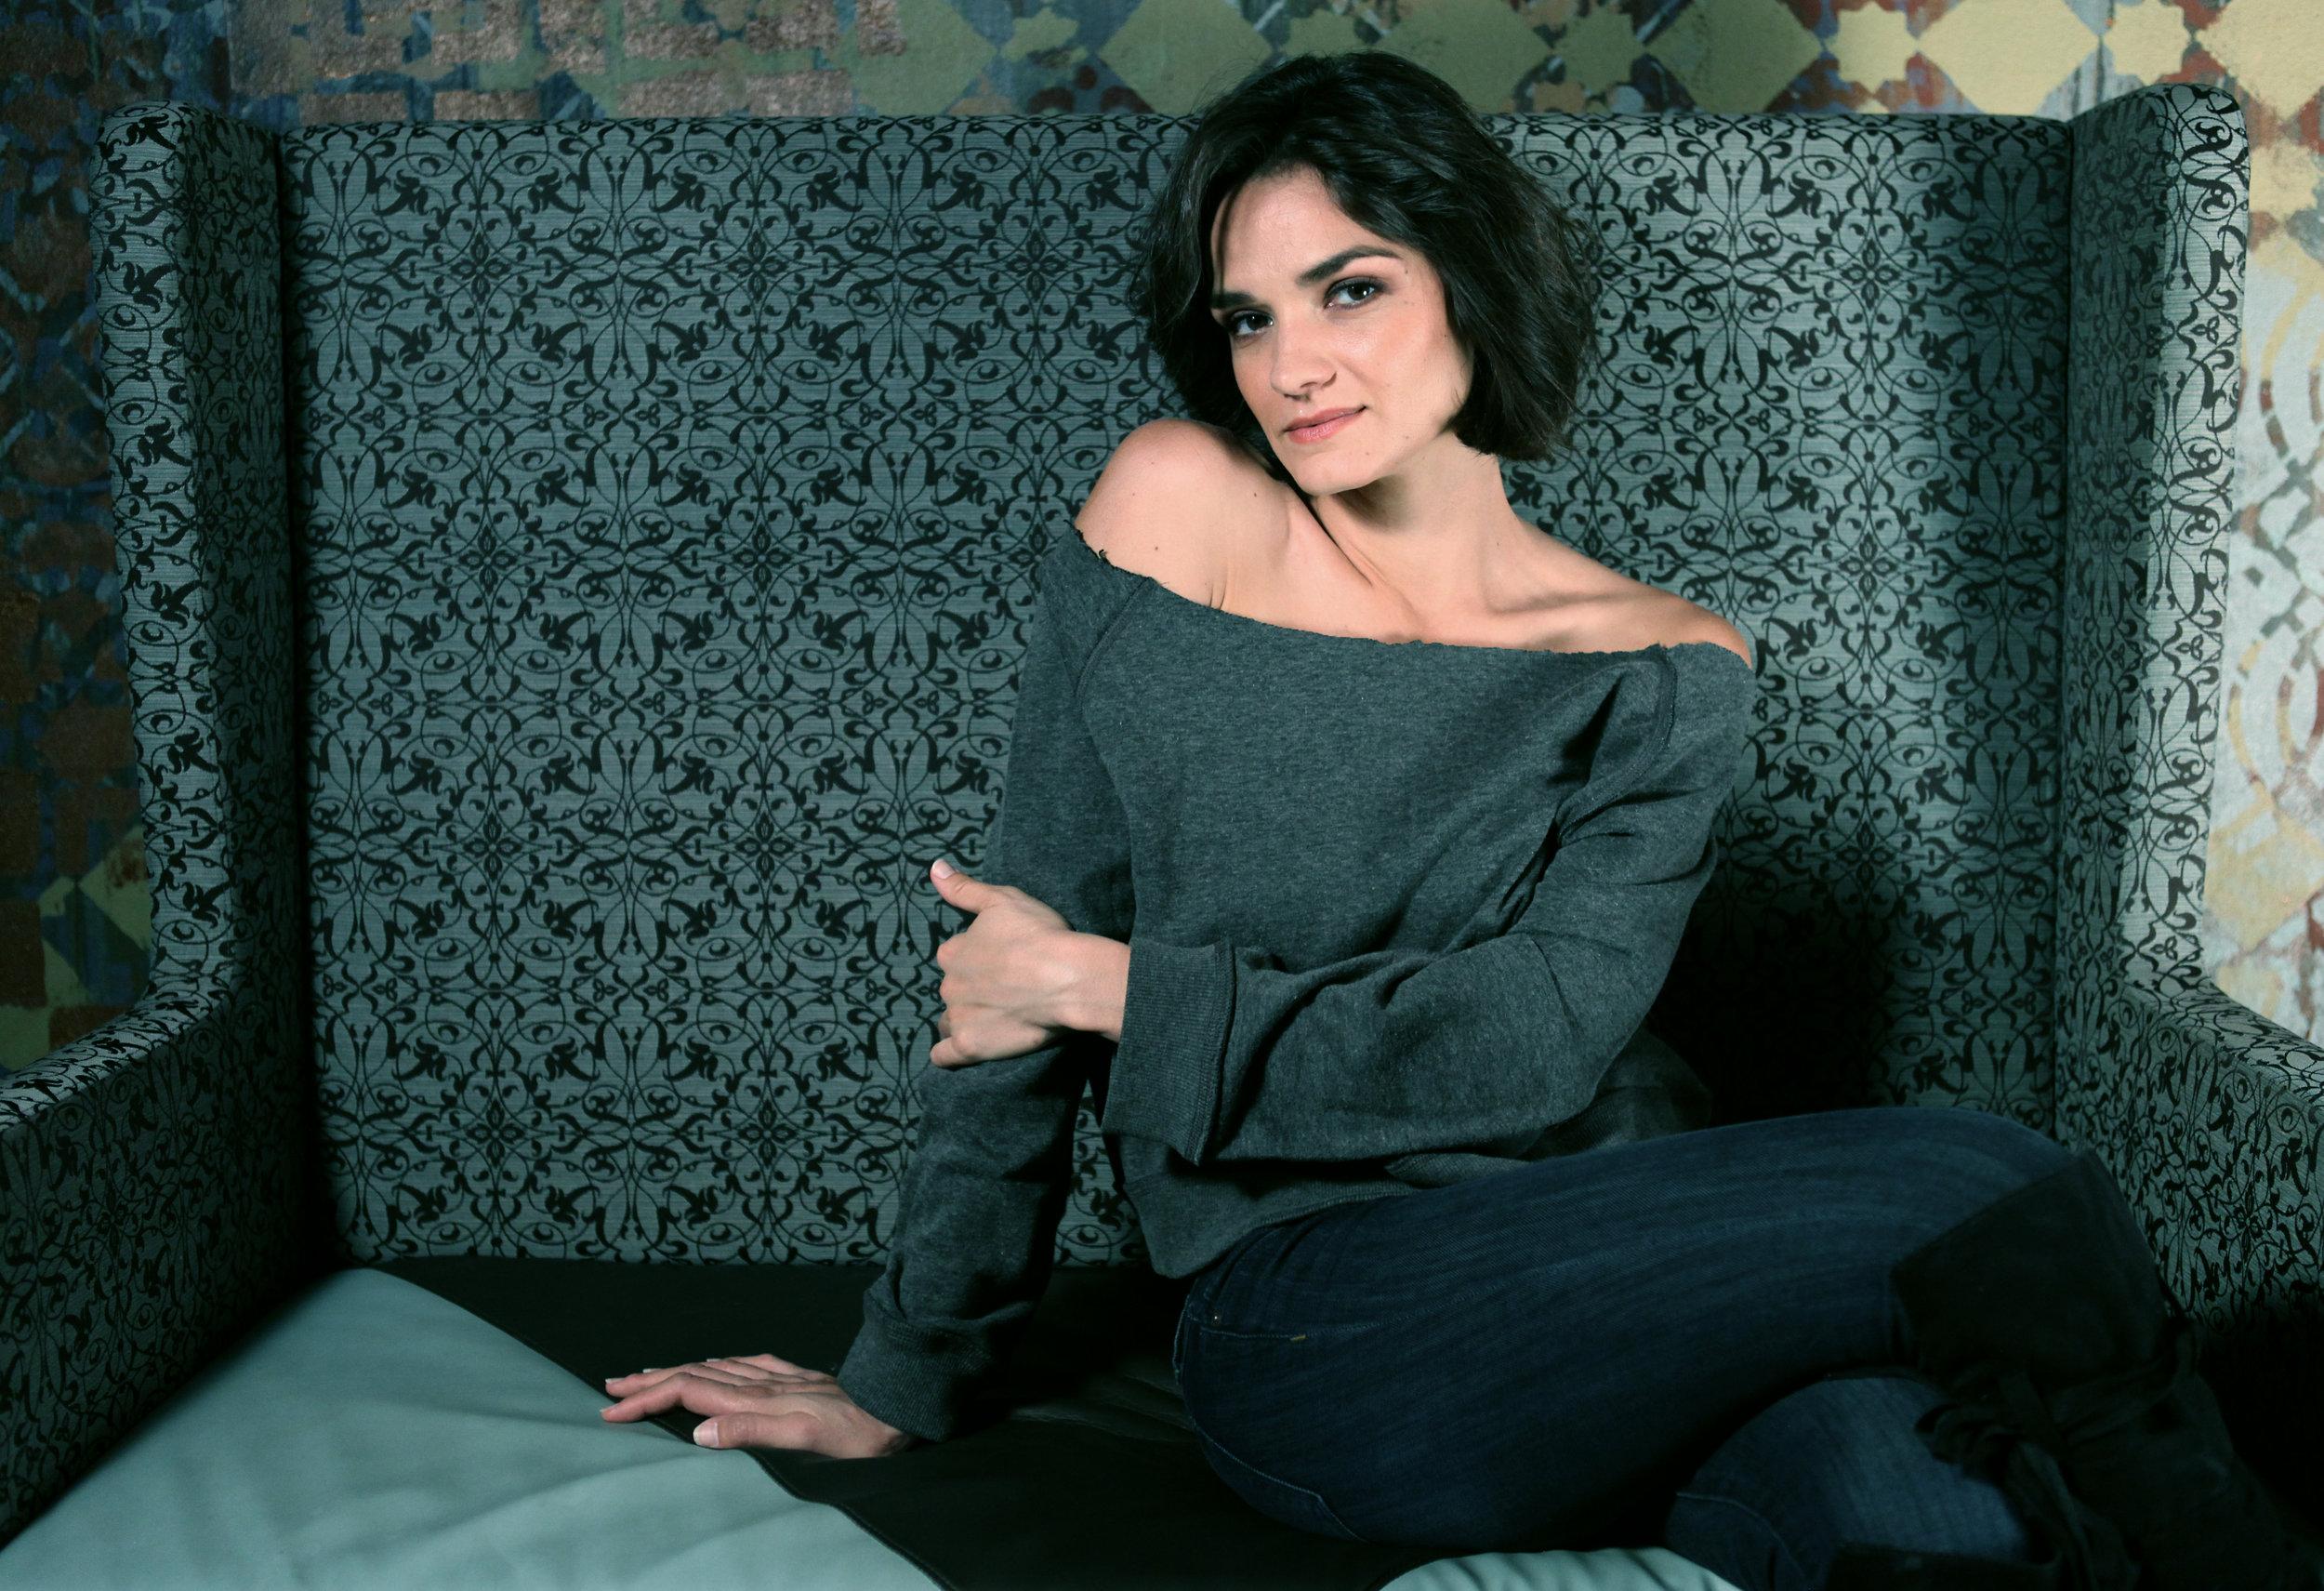 Jamie Bernadette - Actress